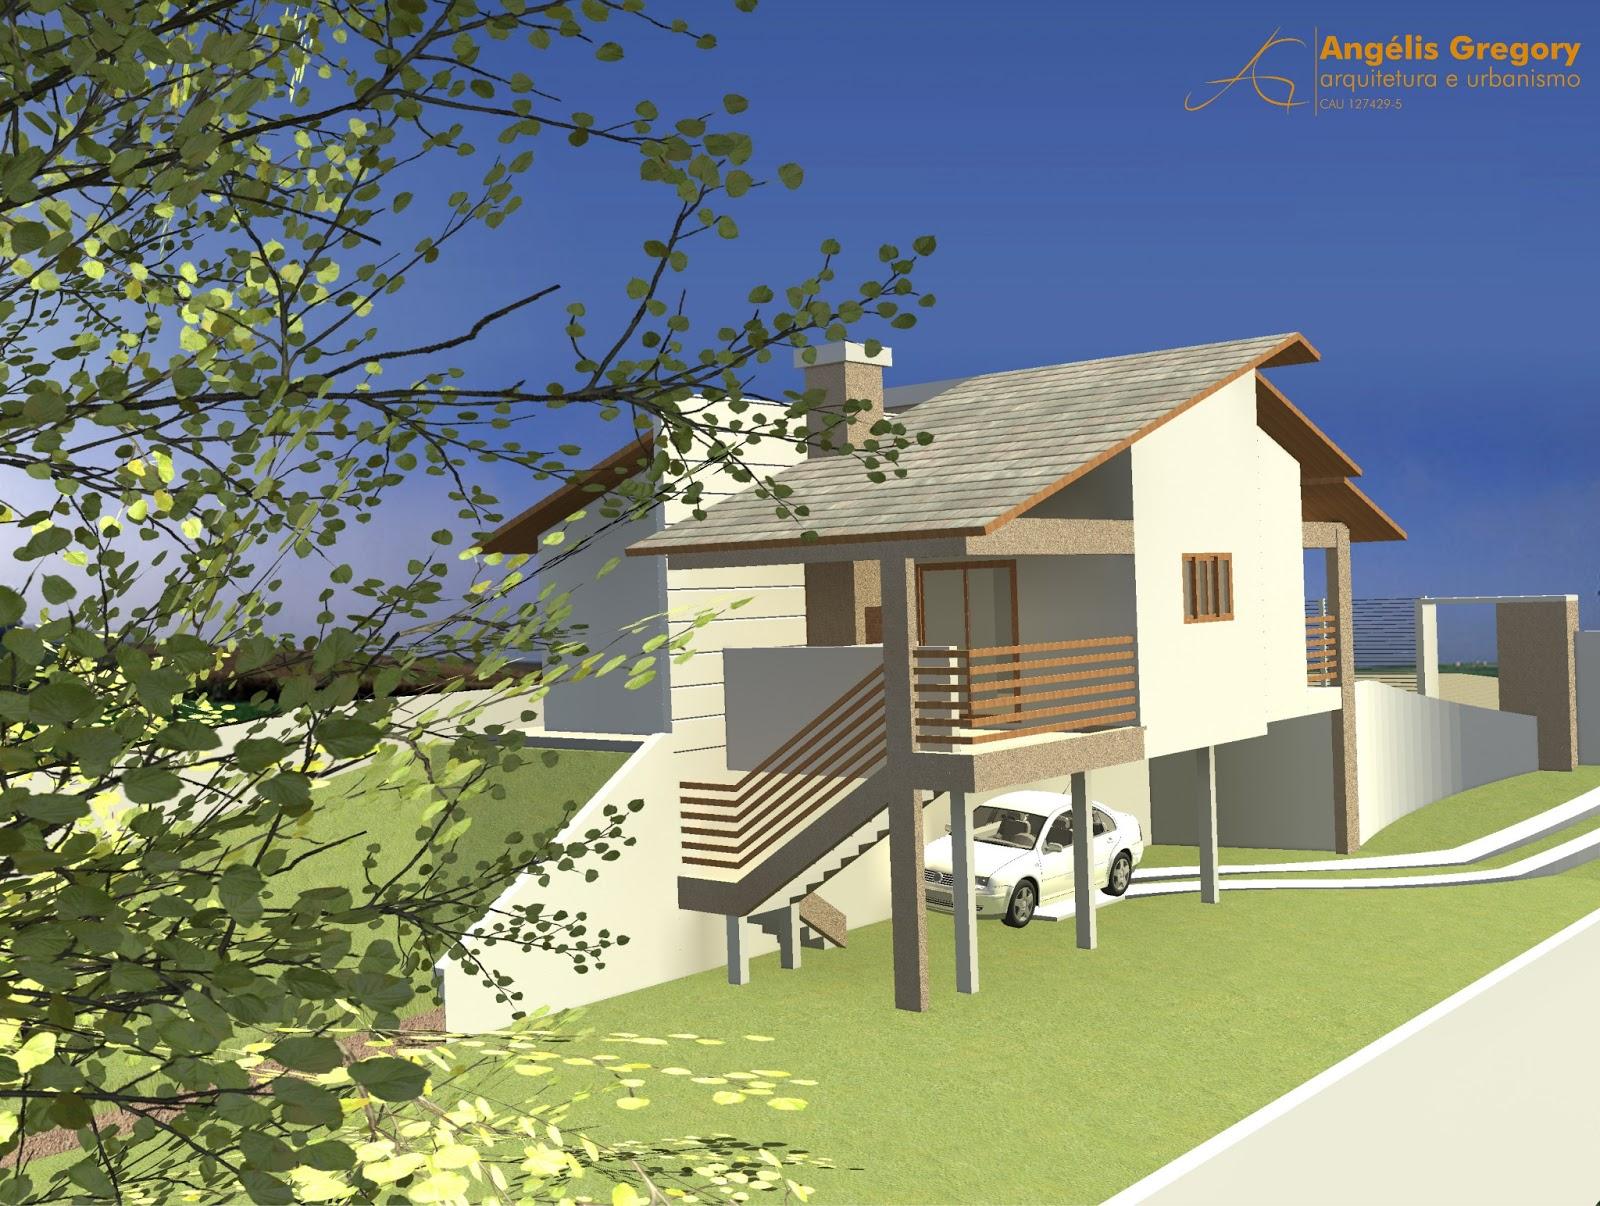 #90893B  Urbanismo: Projetos para Minha Casa Minha Vida do Governo Federal 1600x1206 px Projeto Cozinha Comunitária Governo Federal_4147 Imagens